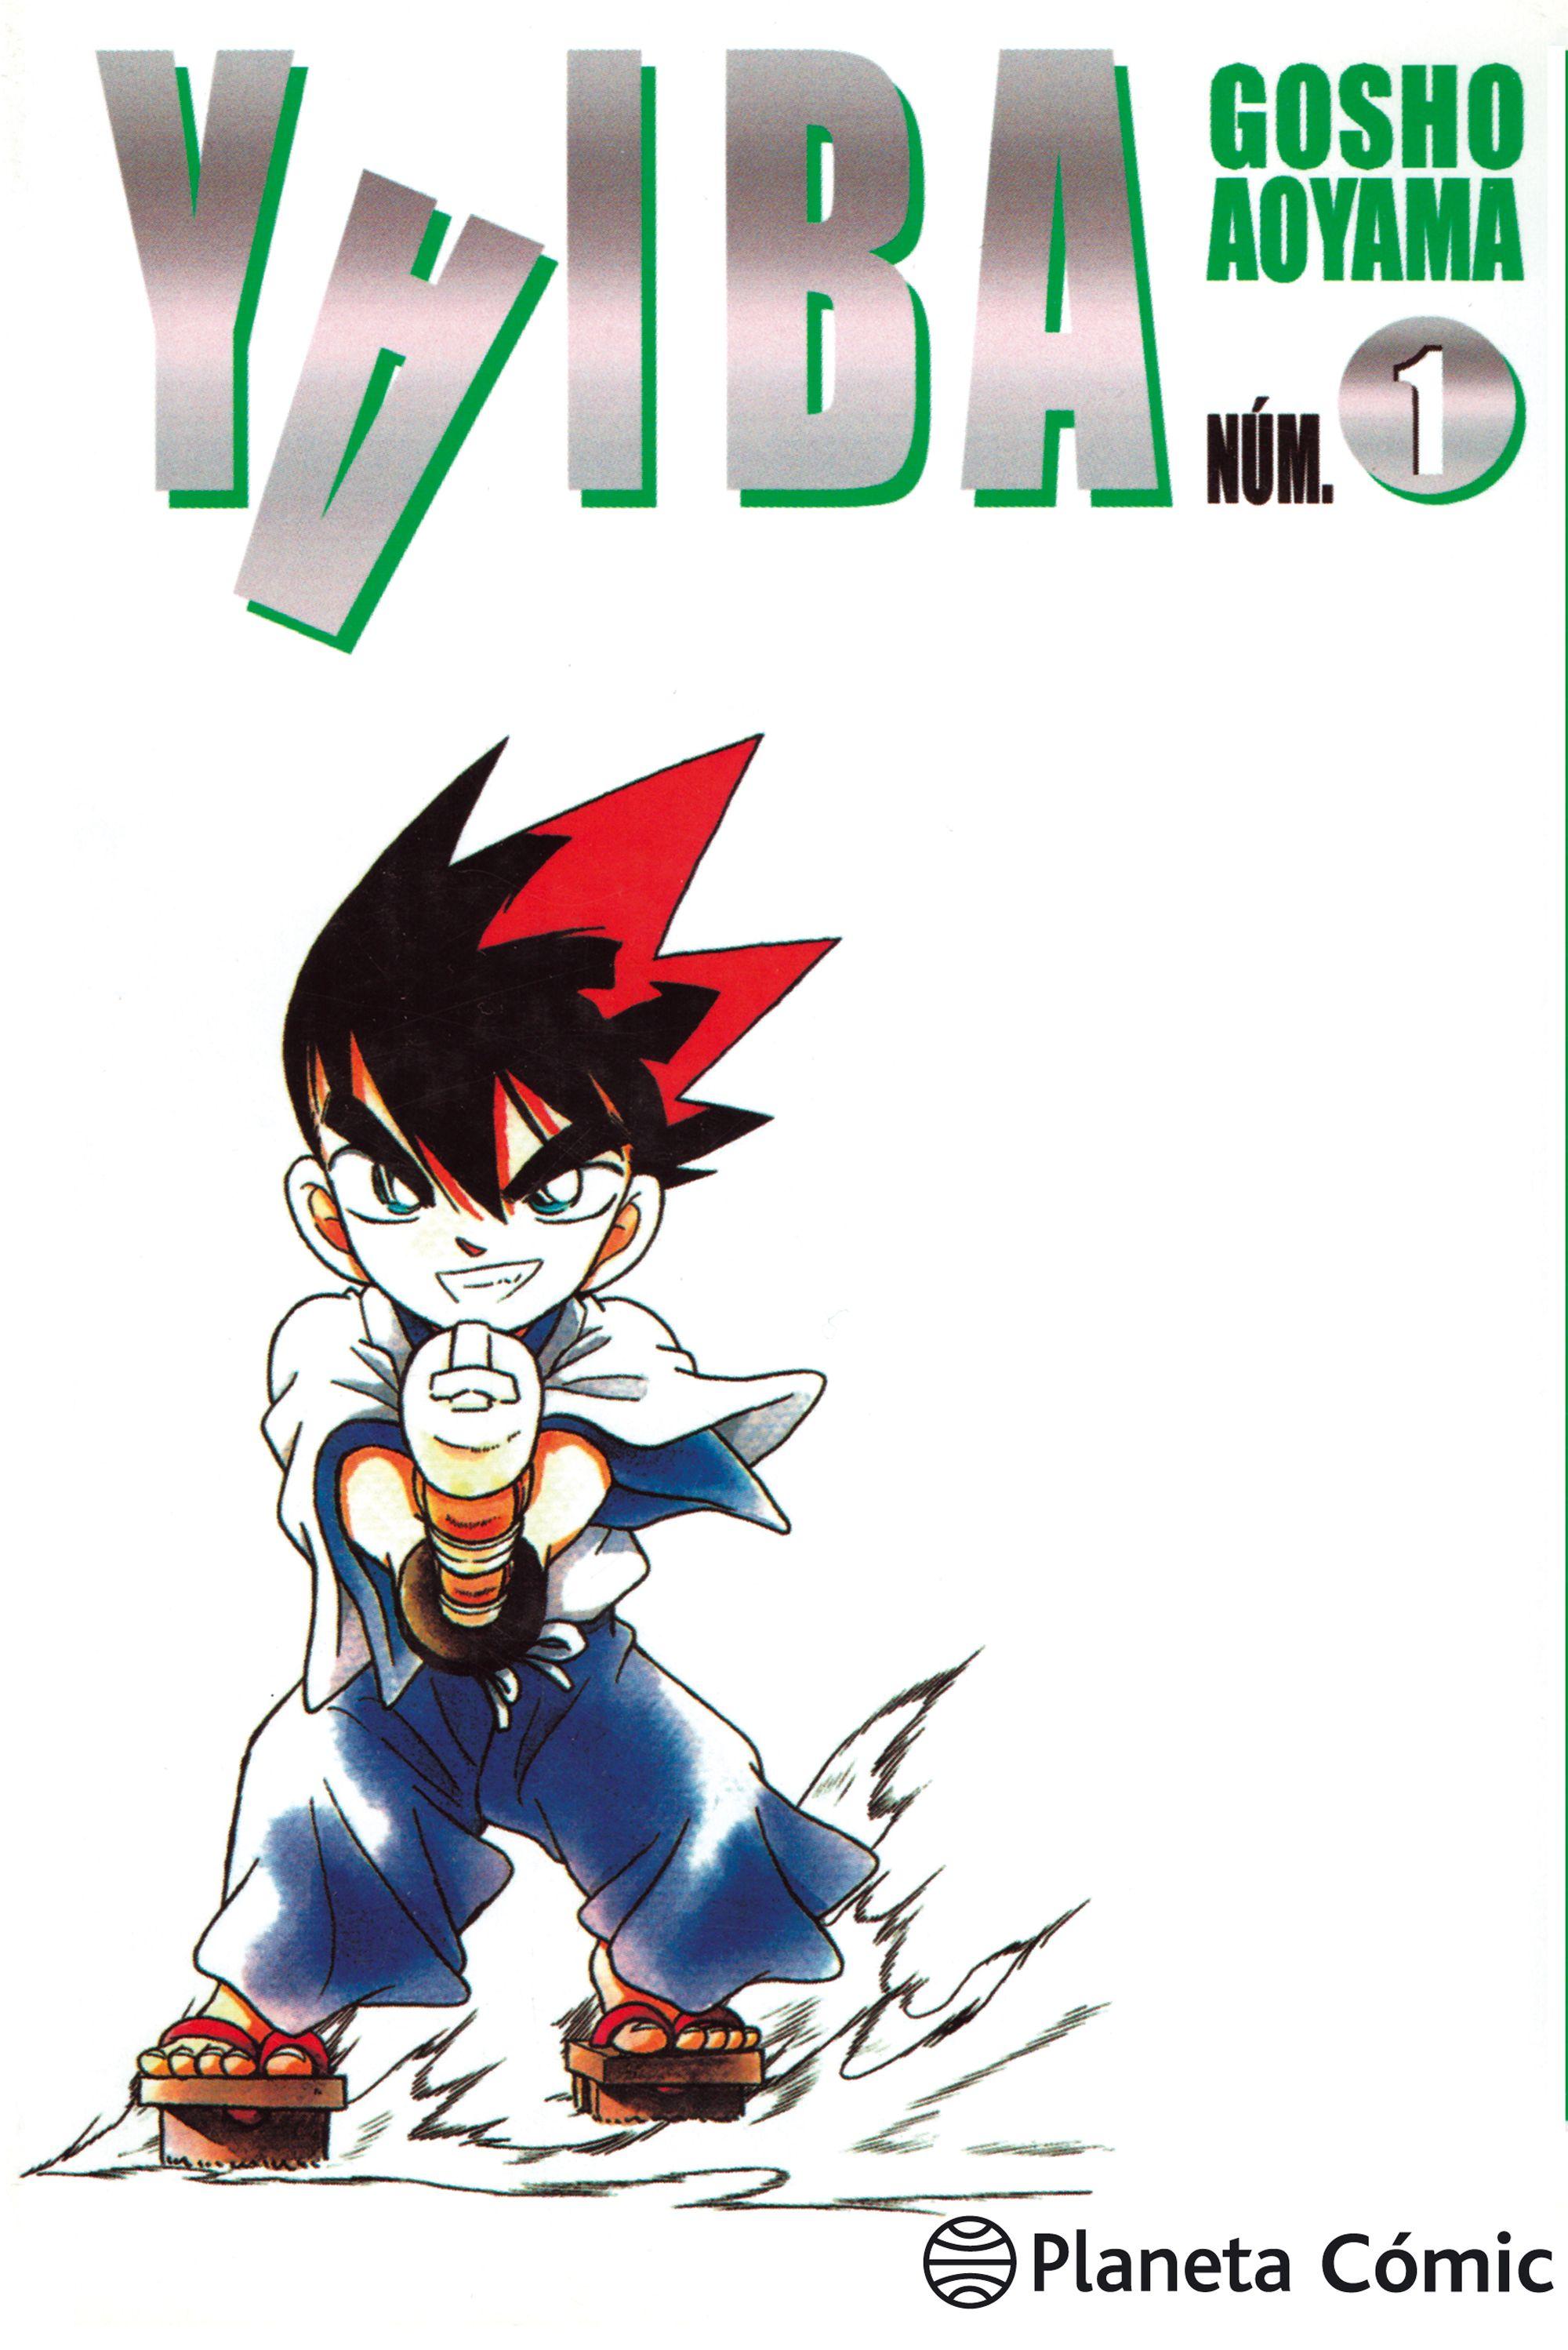 Planeta reedita Yaiba, de Gosho Aoyama Portada_yaiba-n-0112-nueva-edicion_gosho-aoyama_201611301317